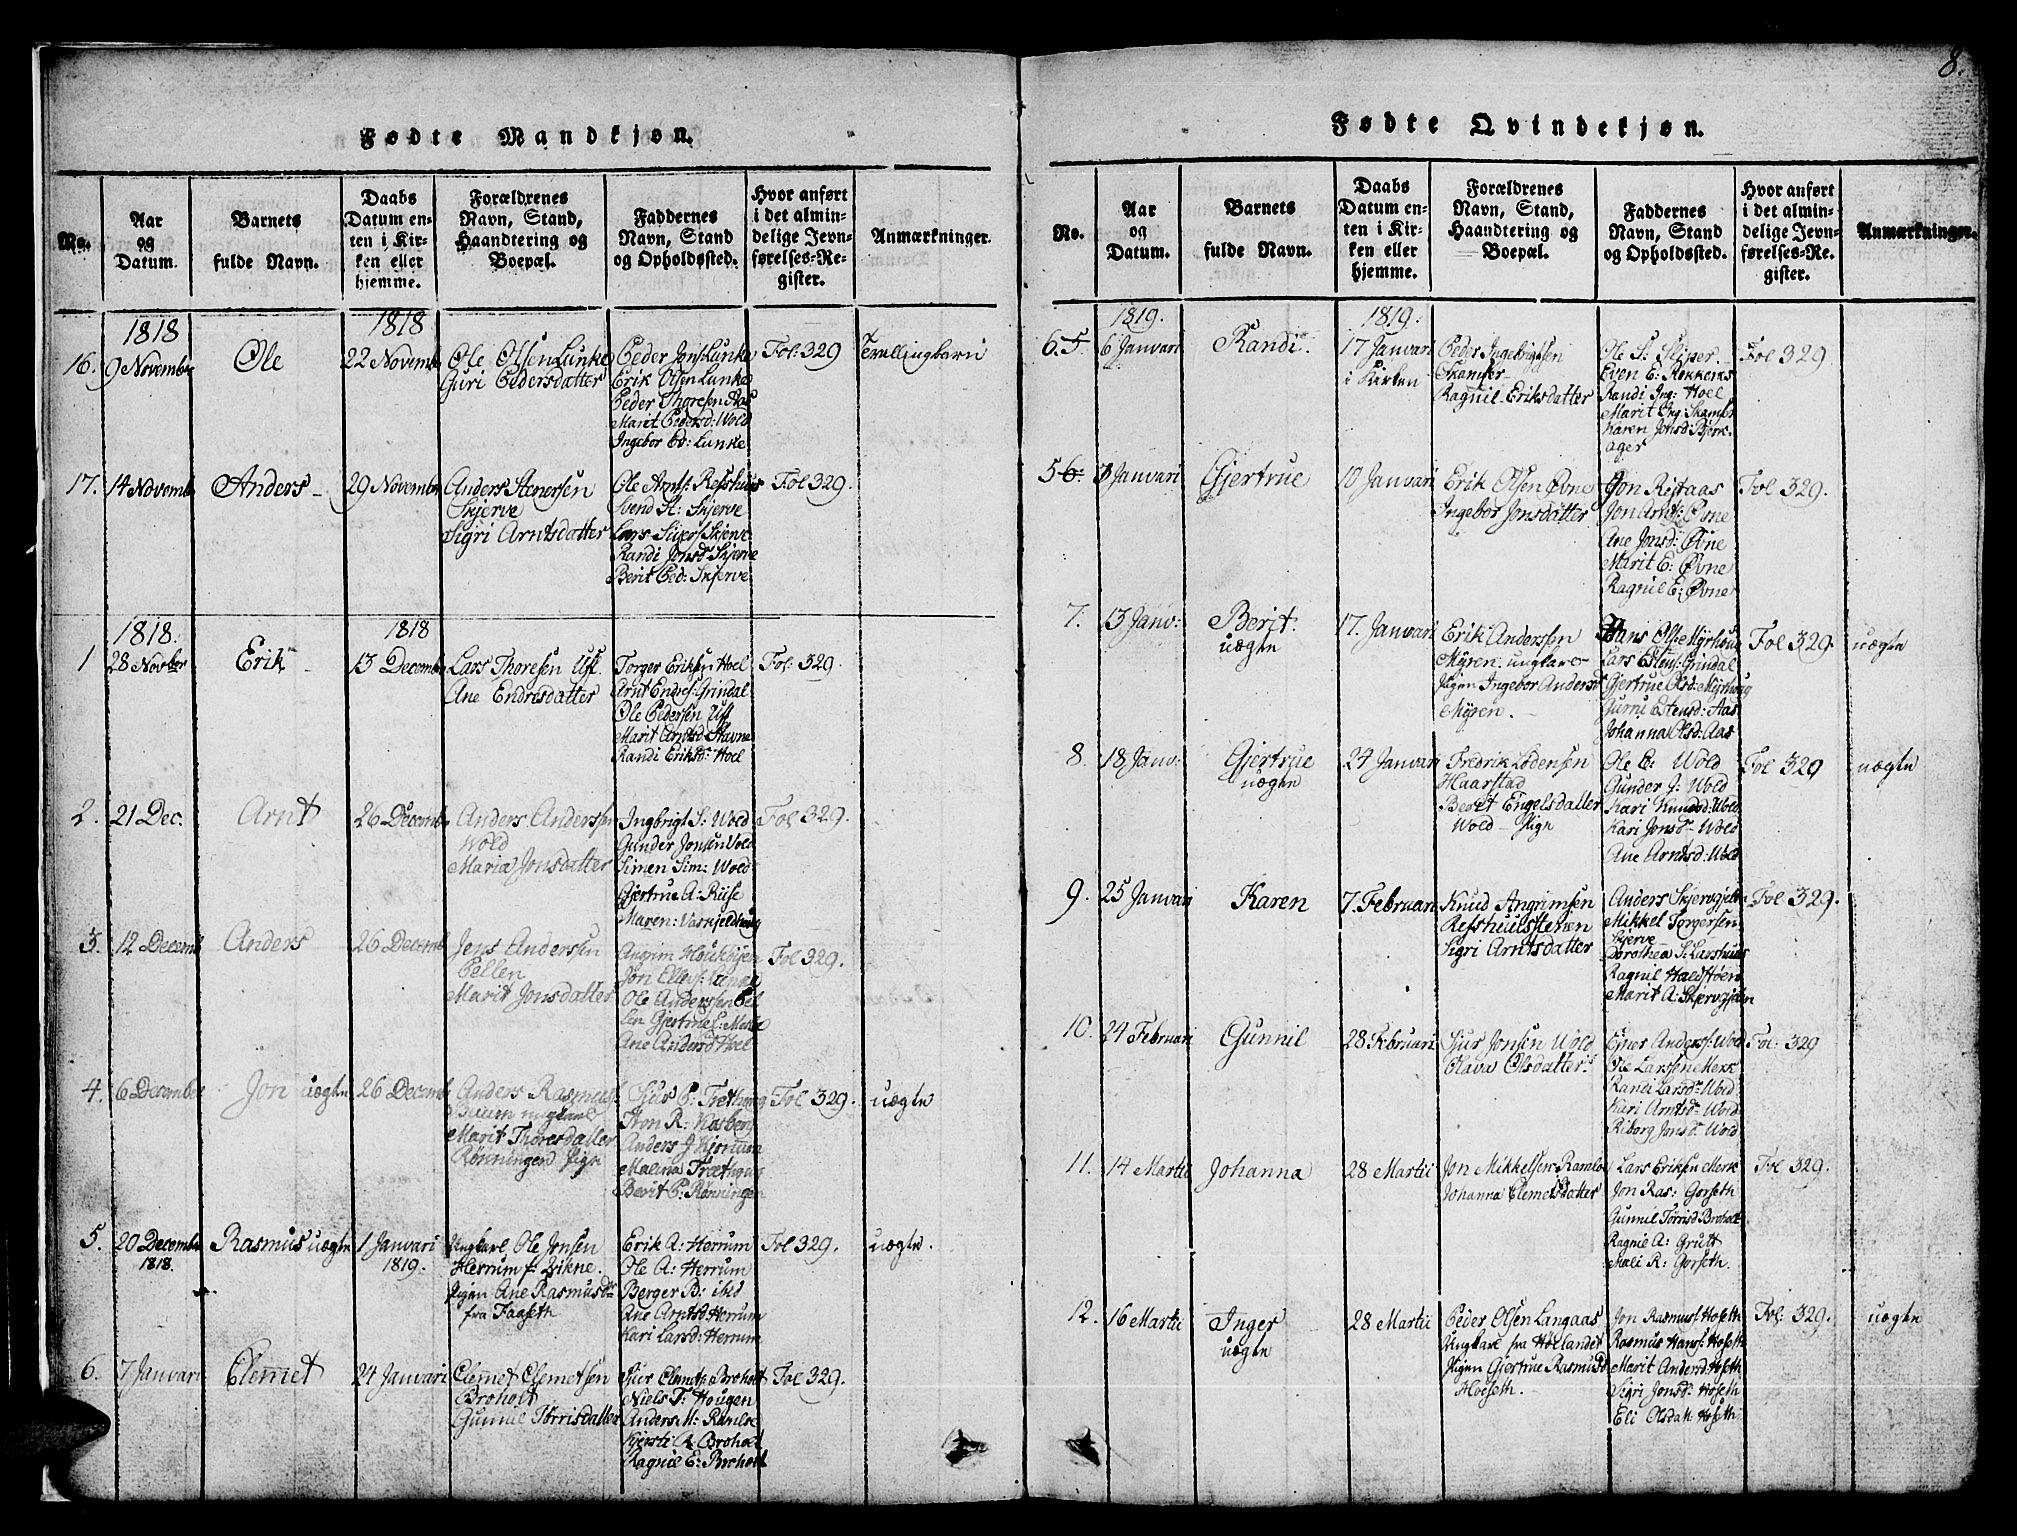 SAT, Ministerialprotokoller, klokkerbøker og fødselsregistre - Sør-Trøndelag, 674/L0874: Klokkerbok nr. 674C01, 1816-1860, s. 8